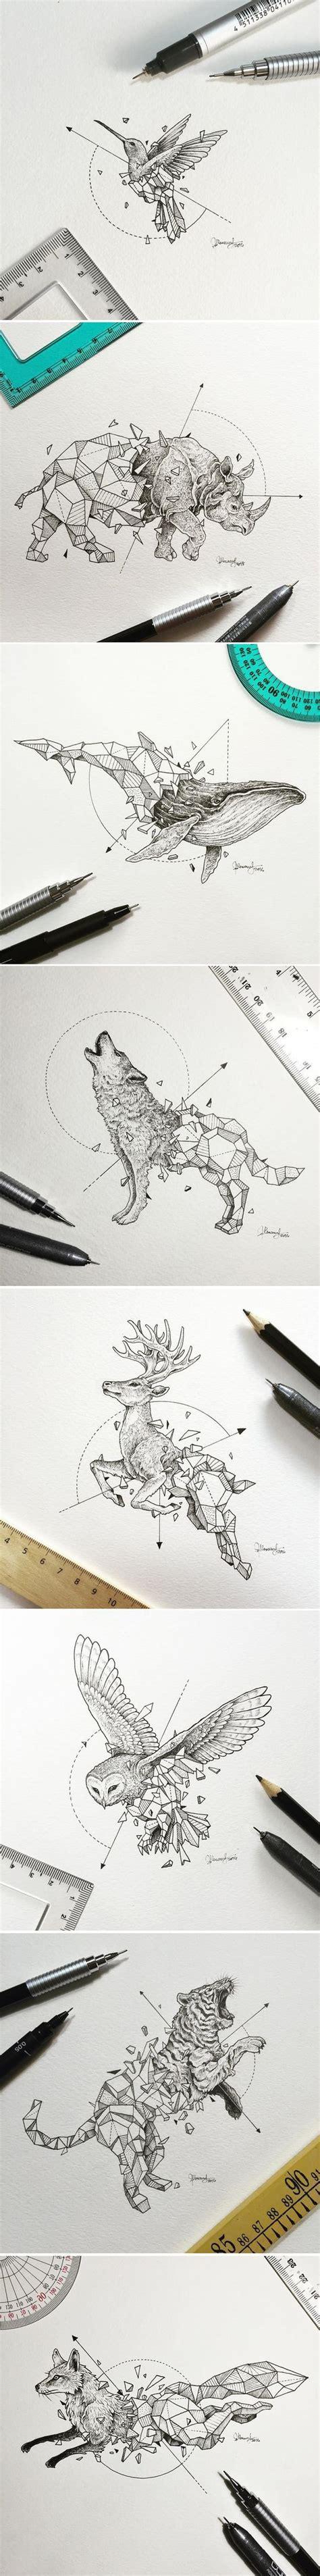 tattoo pen philippines 17 best ideas about illustrations on pinterest